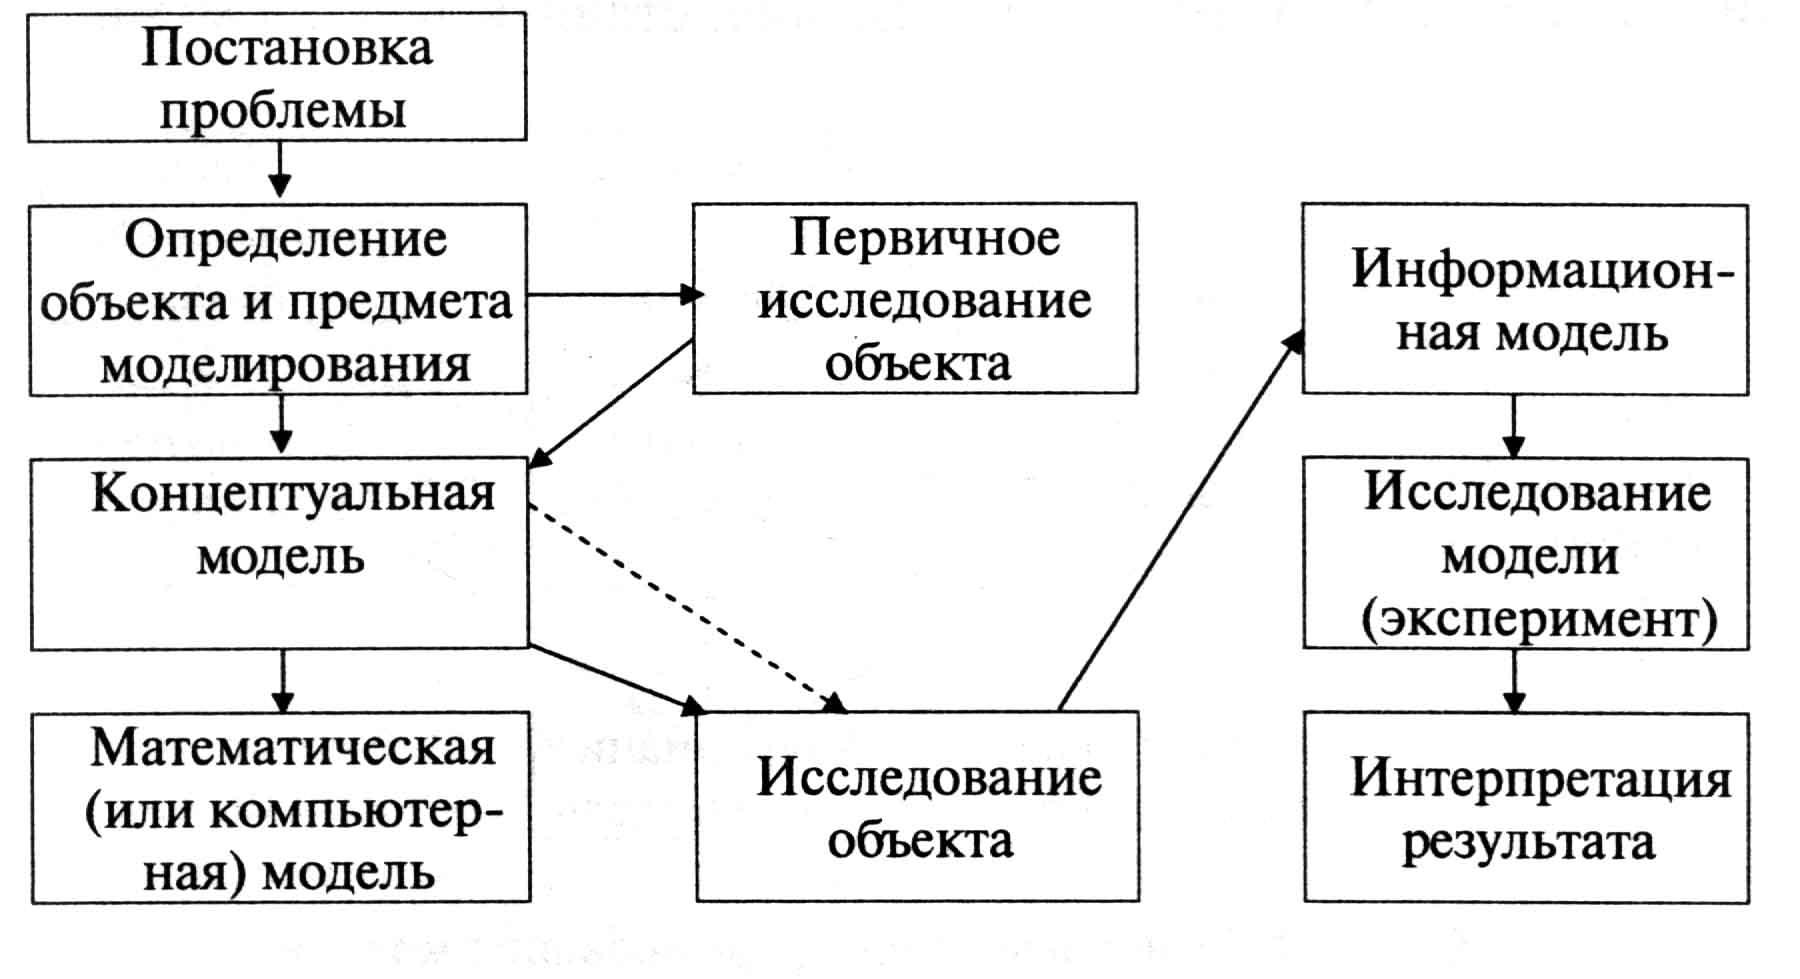 Начальное моделирование схемы